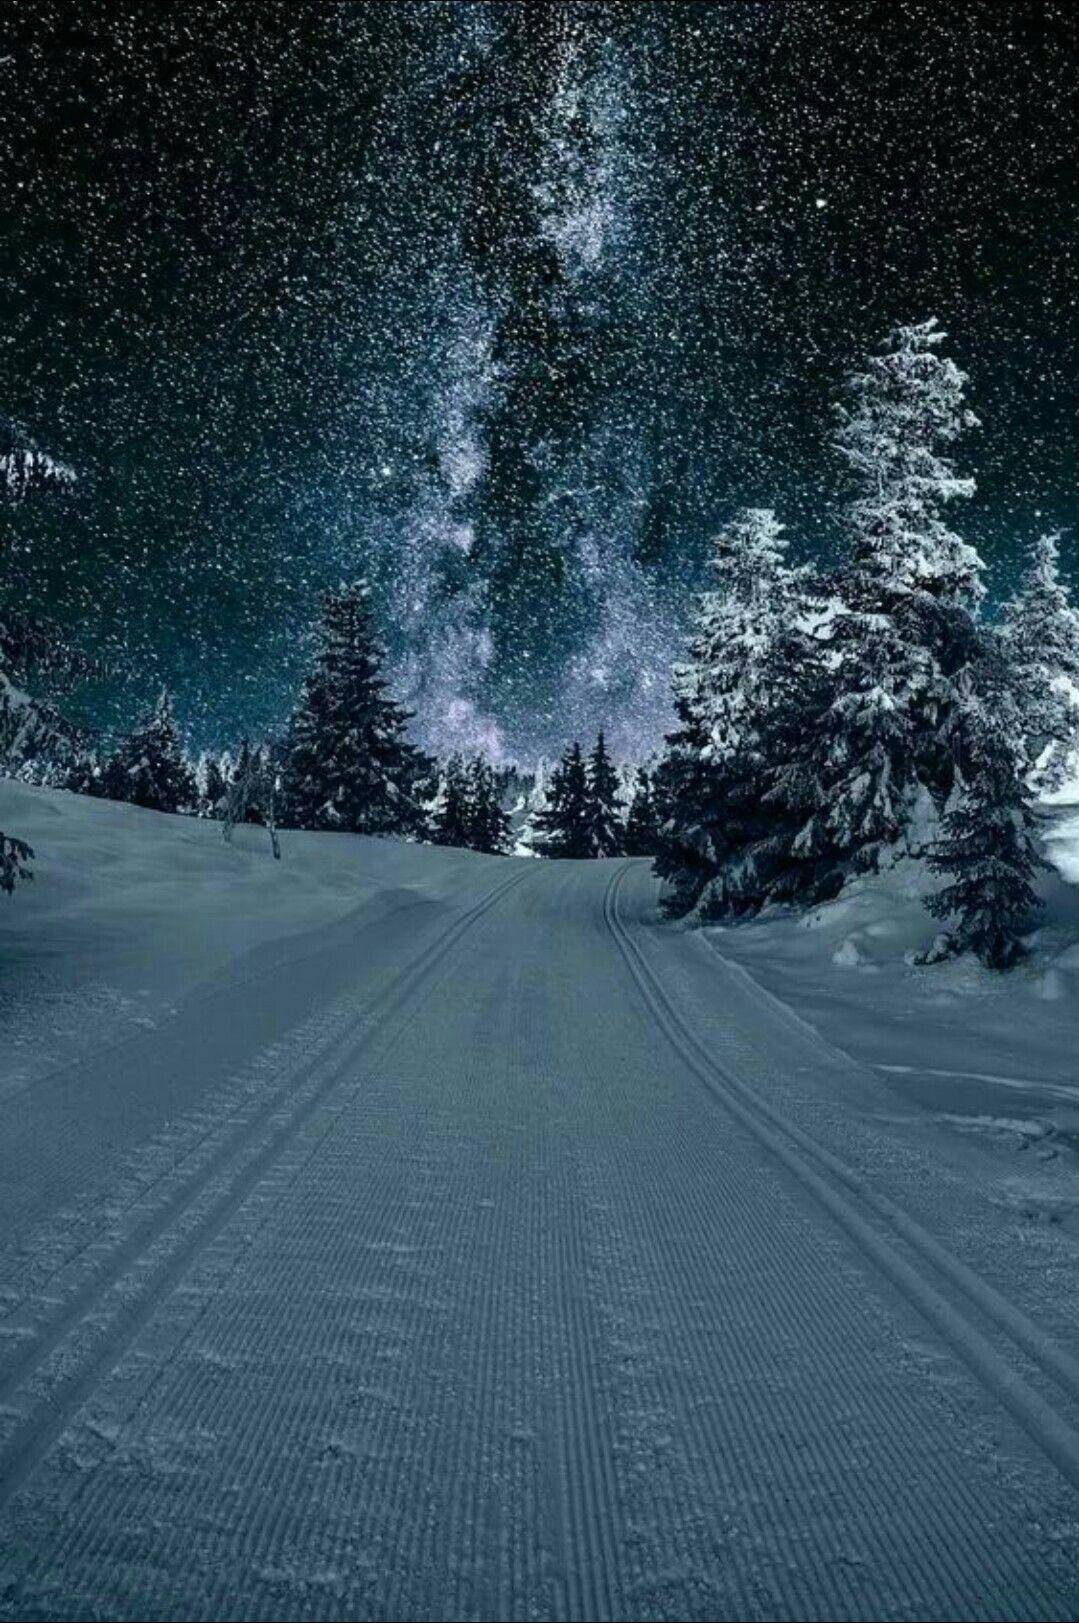 Winter Night Winter Scenery Winter Landscape Winter Scenes